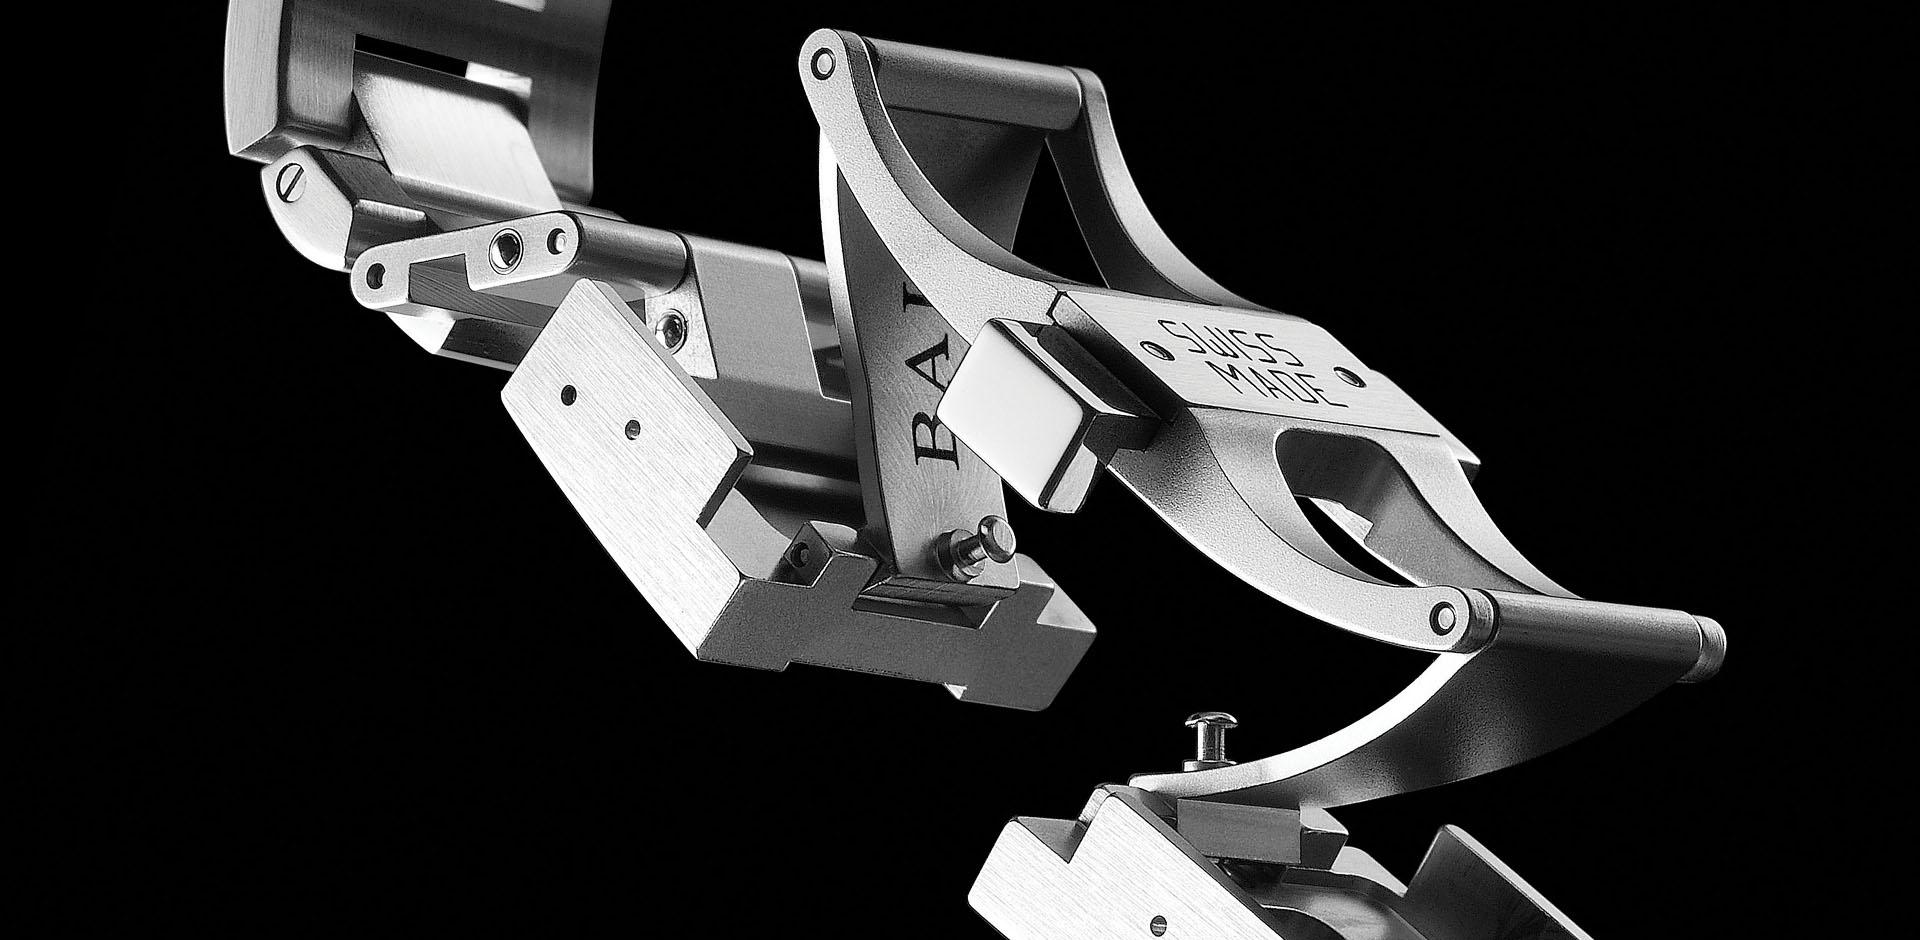 <p><strong>Gran resistencia y confort extremo</strong><br /> <br /> El cierre desplegable triple patentado con extensión de BALL Watch ofrece diferentes ventajas. Para garantizar una resistencia extrema y calidad a largo plazo, el cierre es fabricado a partir de un solo bloque de acero inoxidable. El cierre tiene un equilibrio perfecto, lo cual garantiza un confort de uso óptimo; los elementos desplegables se dividen en partes iguales debajo de la cubierta del cierre y un sistema de extensión de 22 mm a ambos lados del brazalete permite realizar un ajuste ergonómico cuando se usan los atuendos deportivos más comunes.</p>